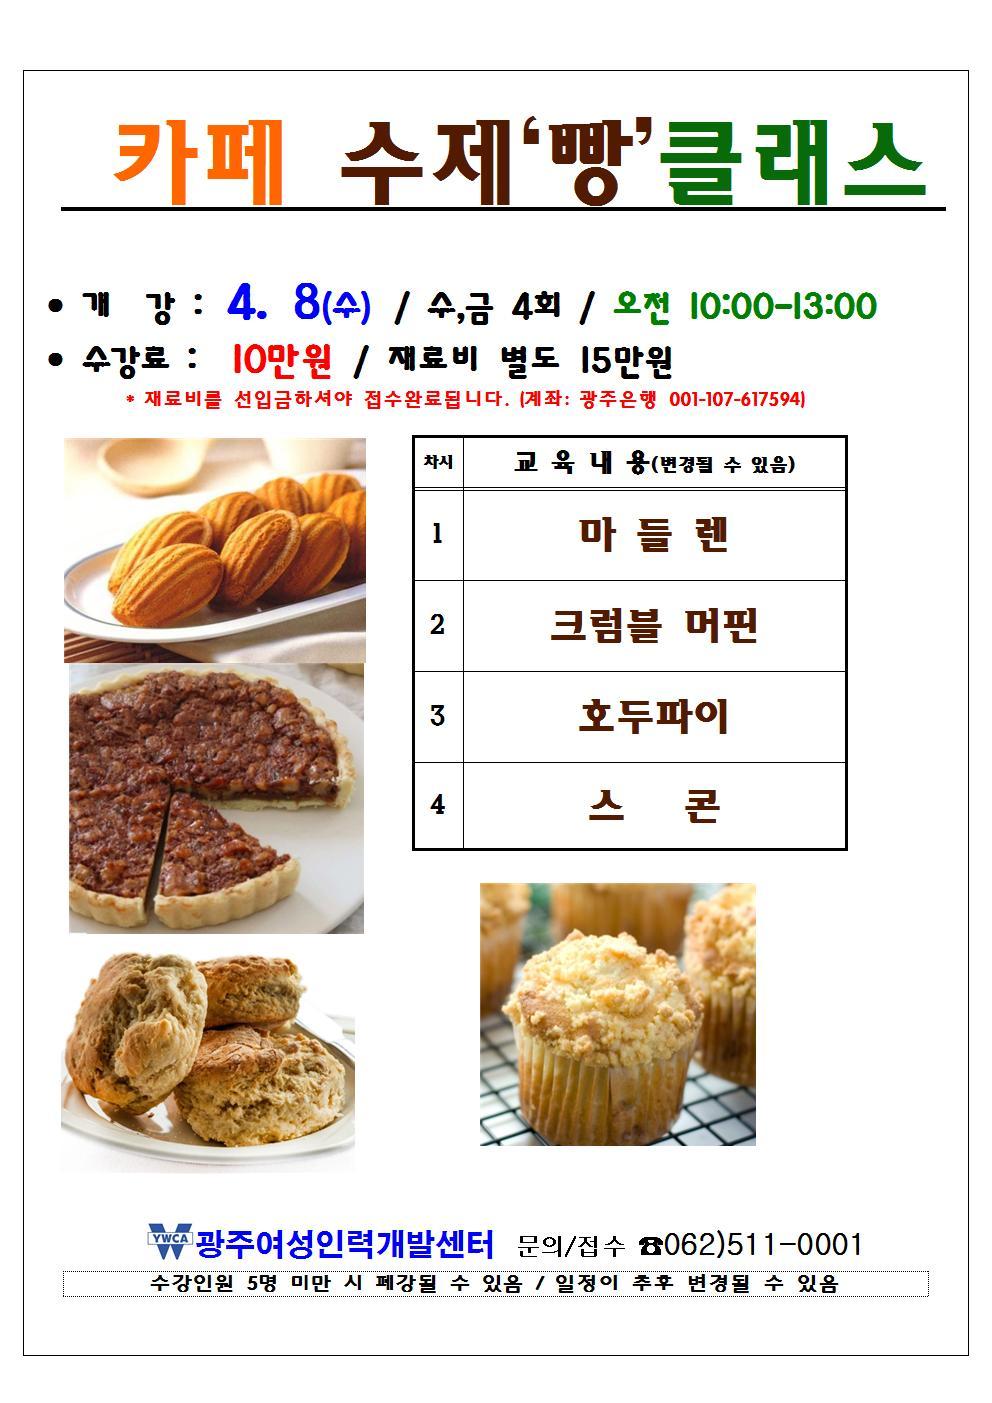 카페 빵클레스001